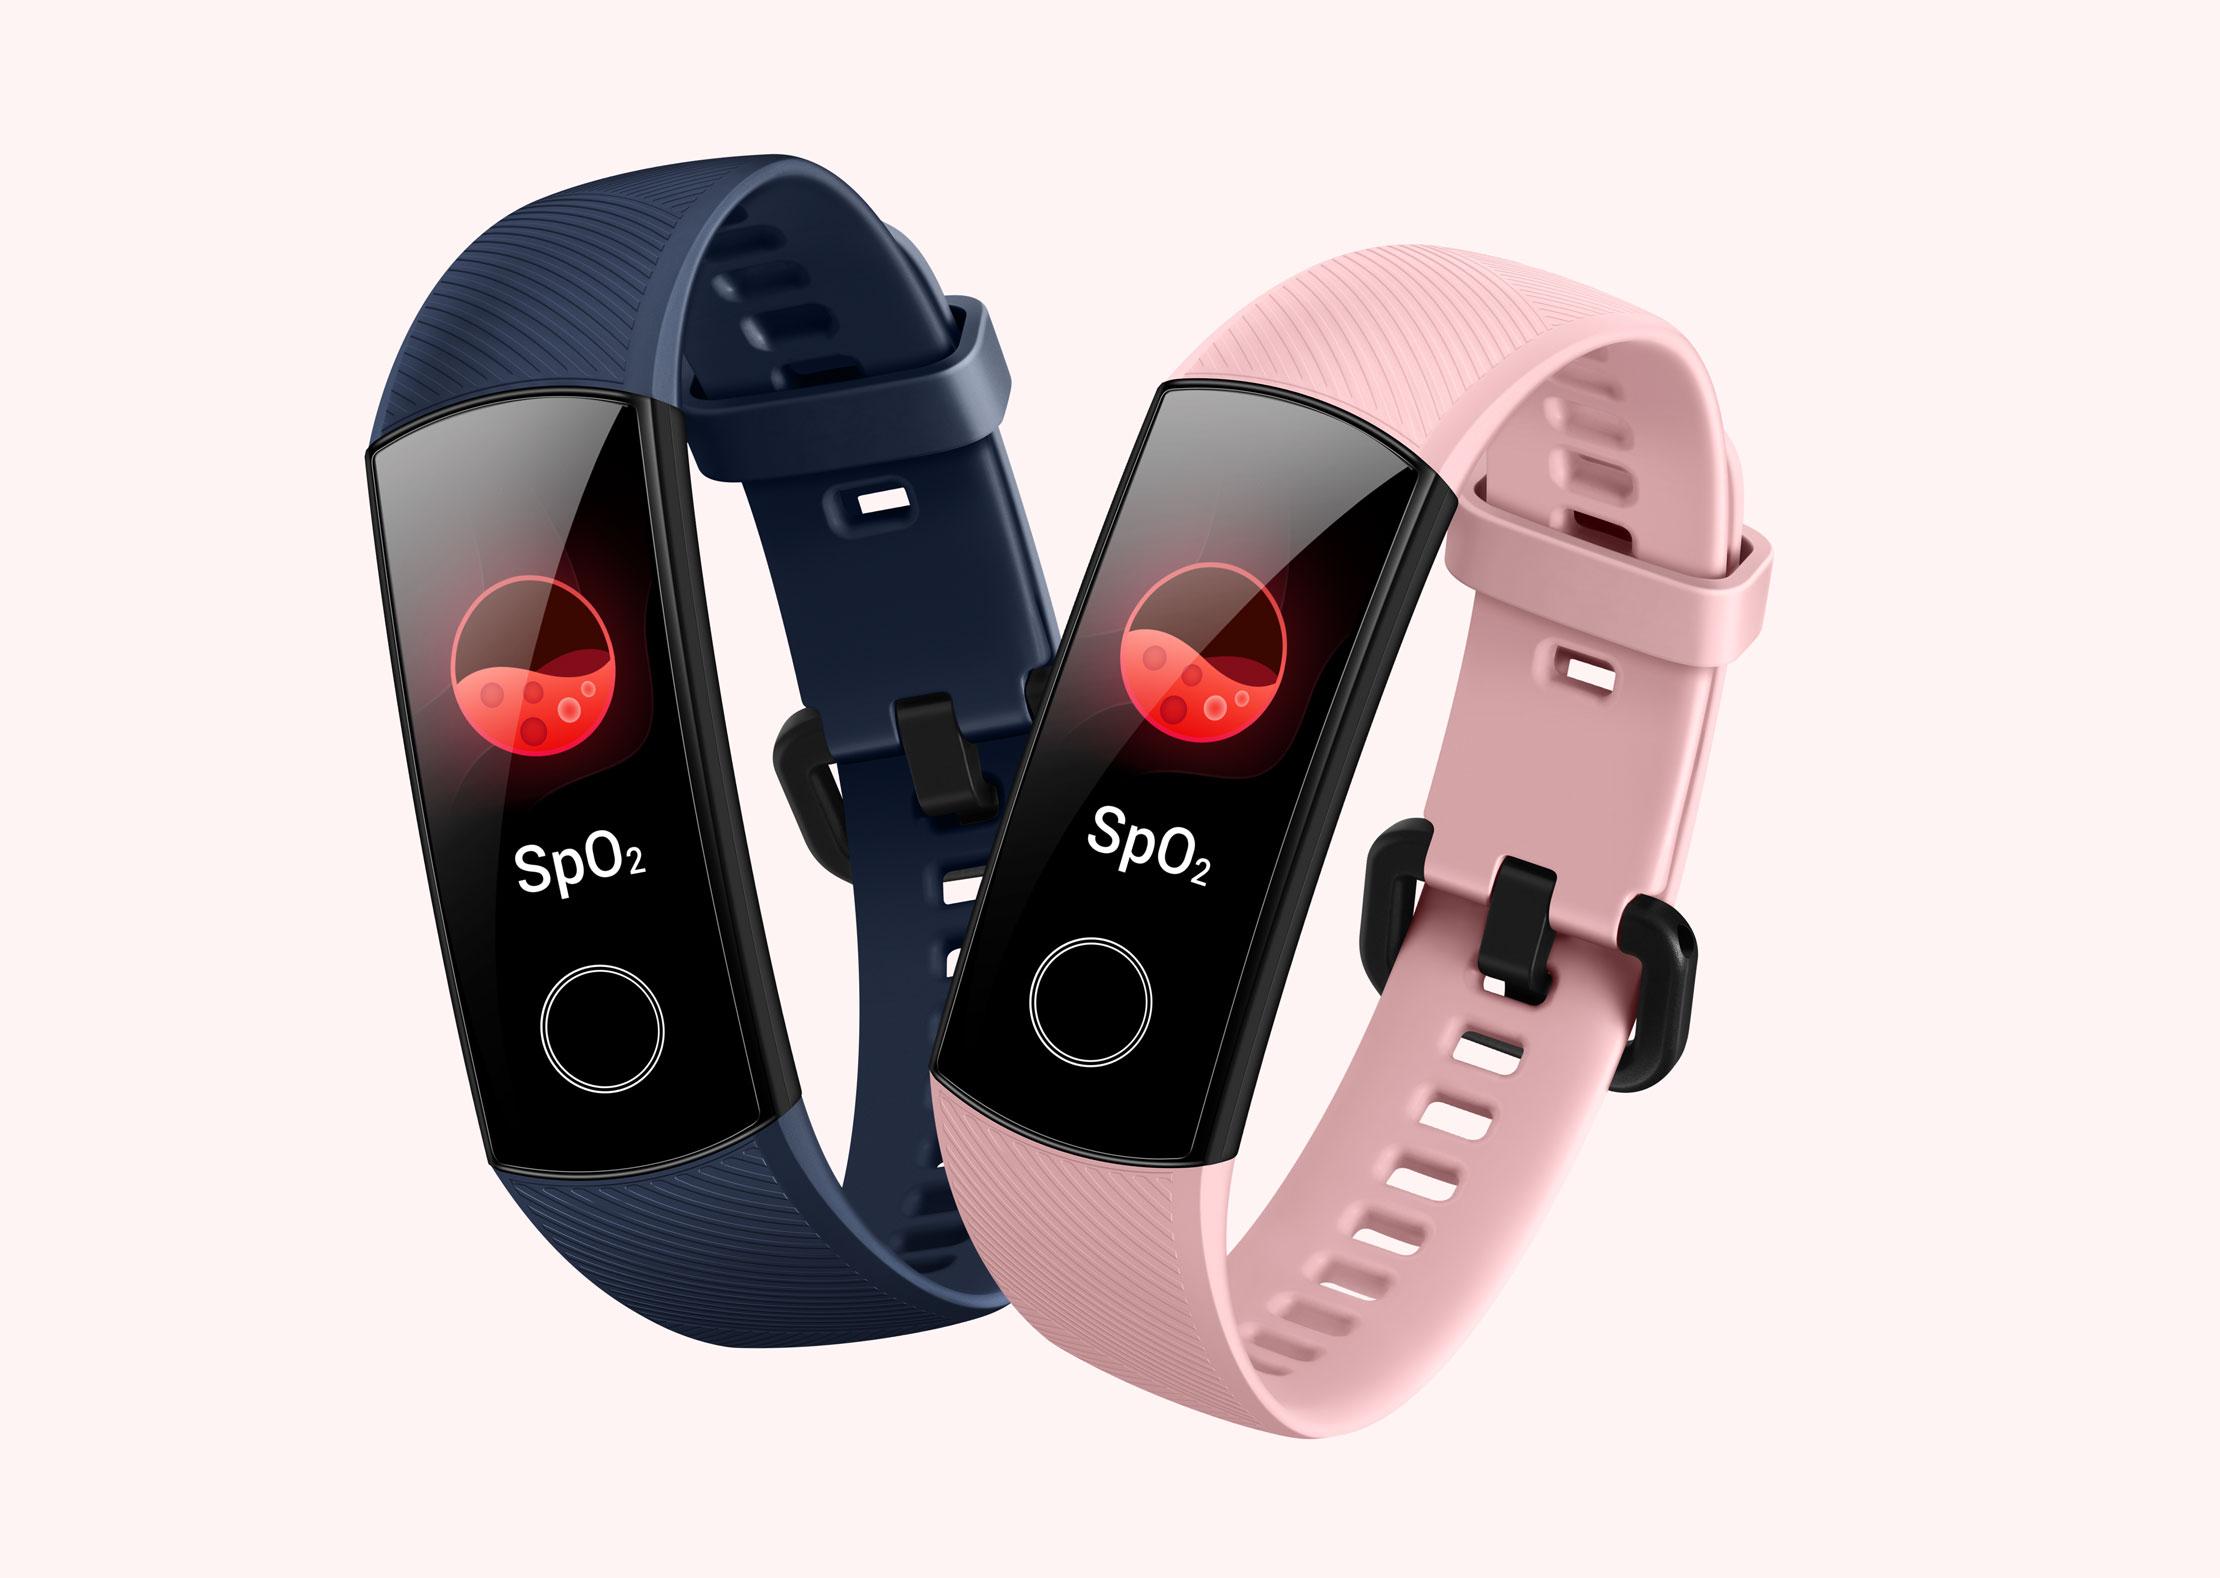 راقبوا مستوى تشبع الأكسجين في الدم (SpO2) وأنتم في المنزل